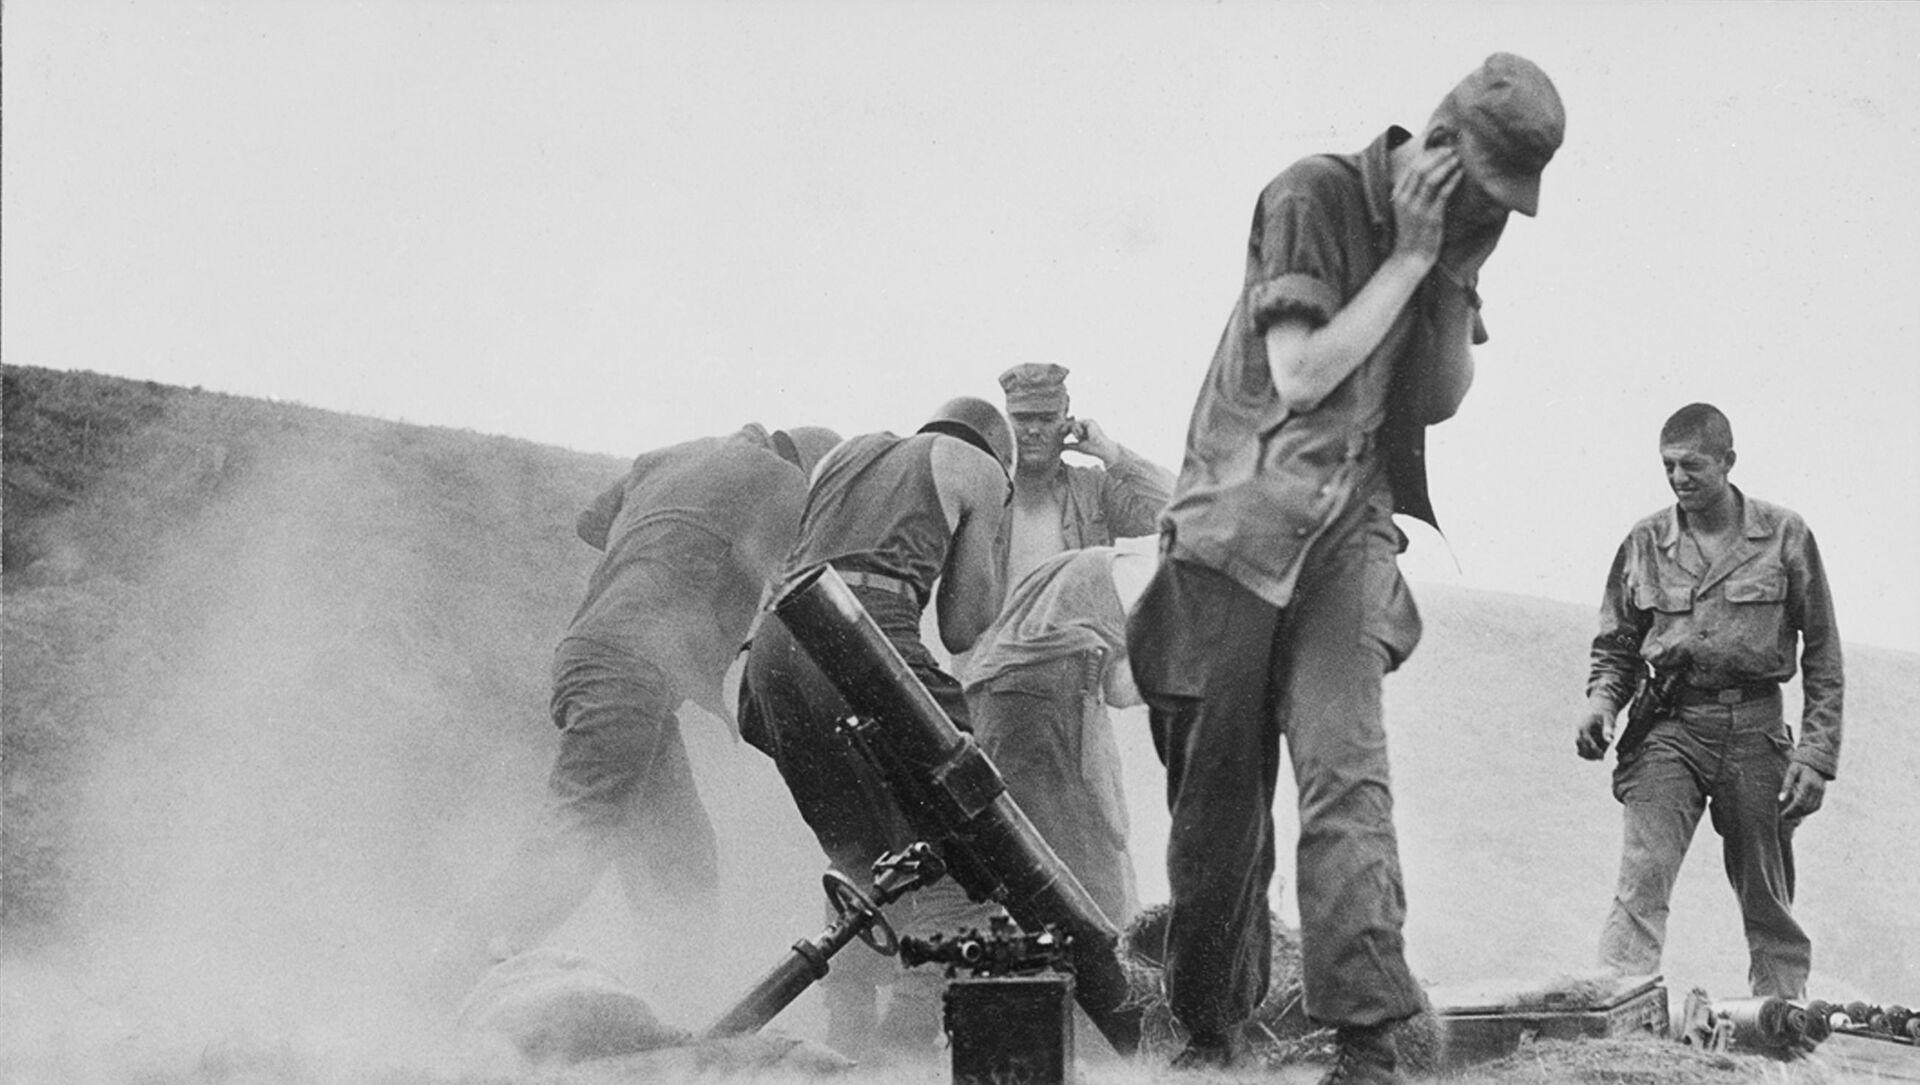 Jednotky OSN během bojů v Jižní Koreji, 1950 - Sputnik Česká republika, 1920, 20.04.2021